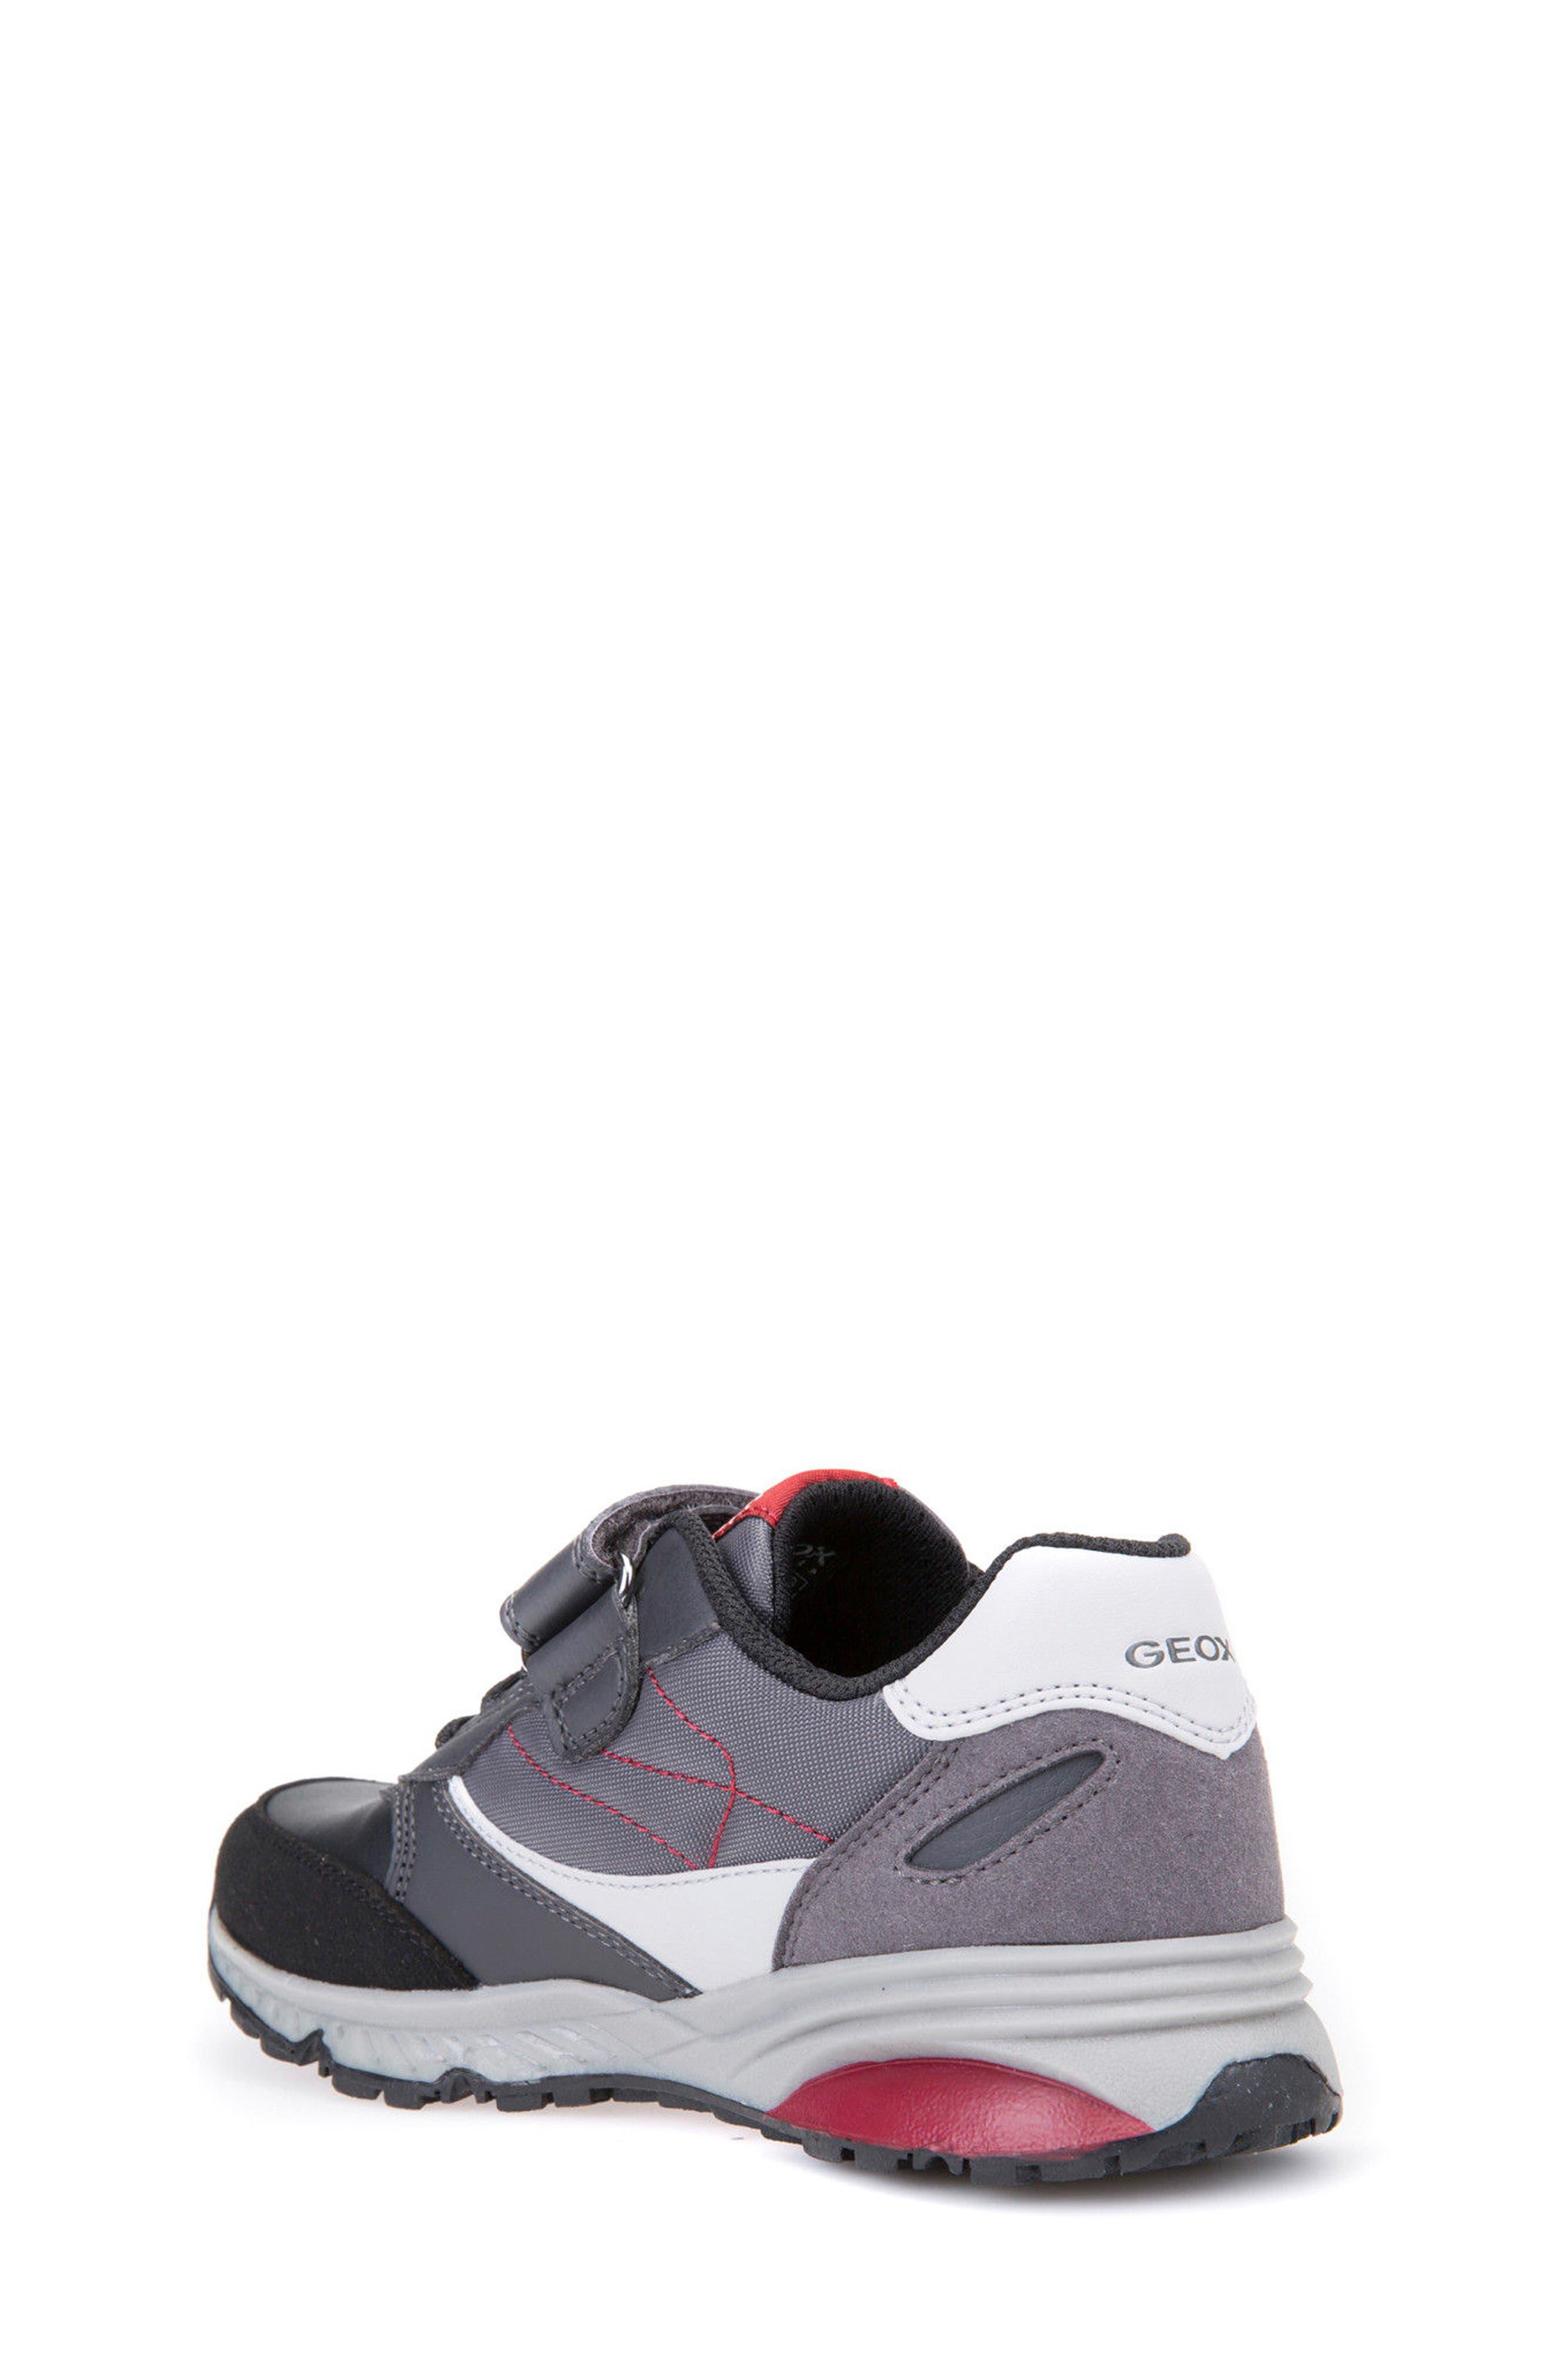 Alternate Image 2  - Geox Jr Bernie Sneaker (Toddler, Little Kid & Big Kid)